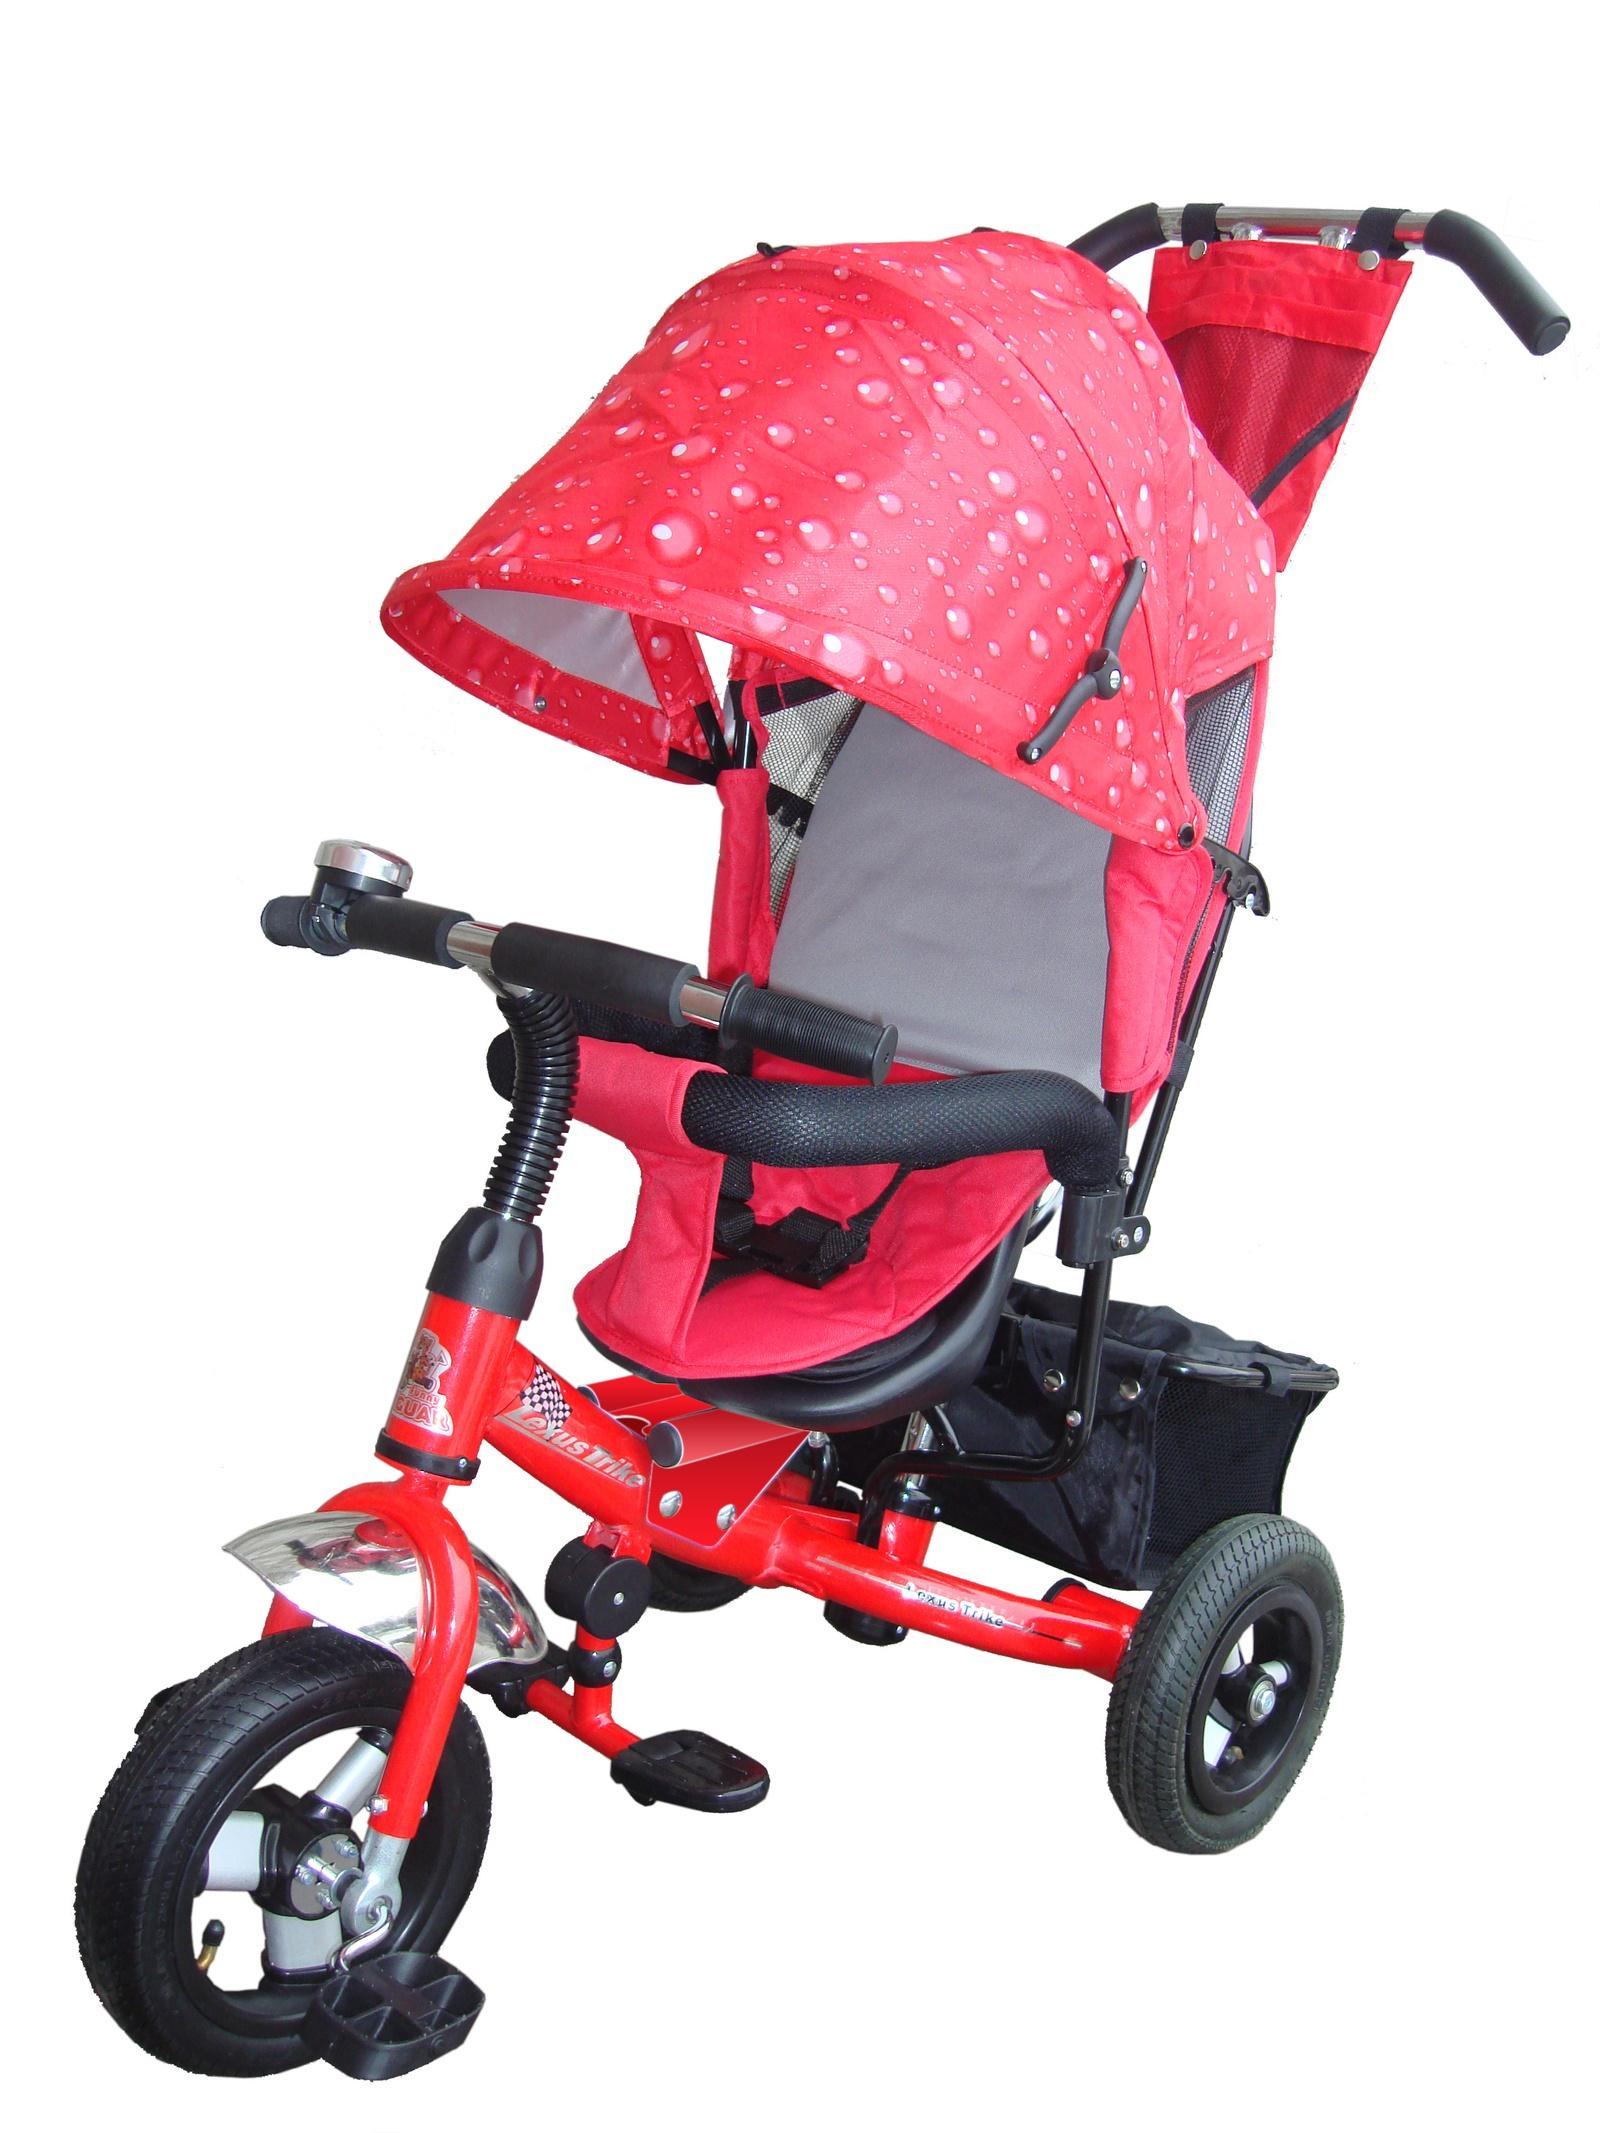 Велосипед Lexus Trike MS-0526, красный